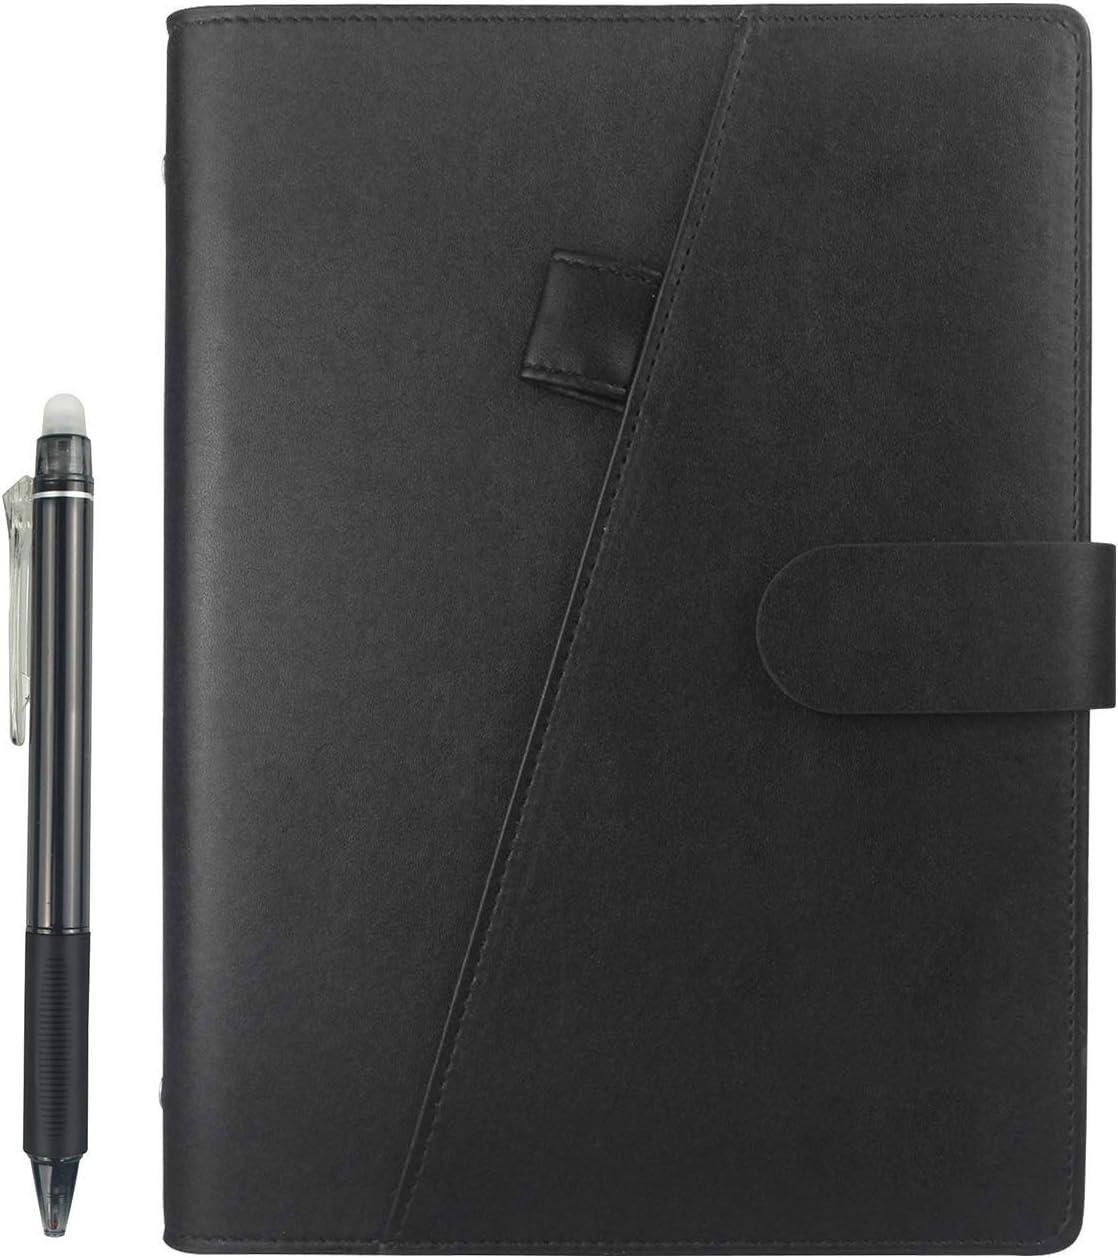 HOMESTEC Cuaderno Inteligente Reutilizable | Tamaño A5 | Hojas borrables y adaptadas para escaneo a PDF mediante APP | Incluye Boli y Marcadores Adhesivos (Cuero artificial) (Negro)